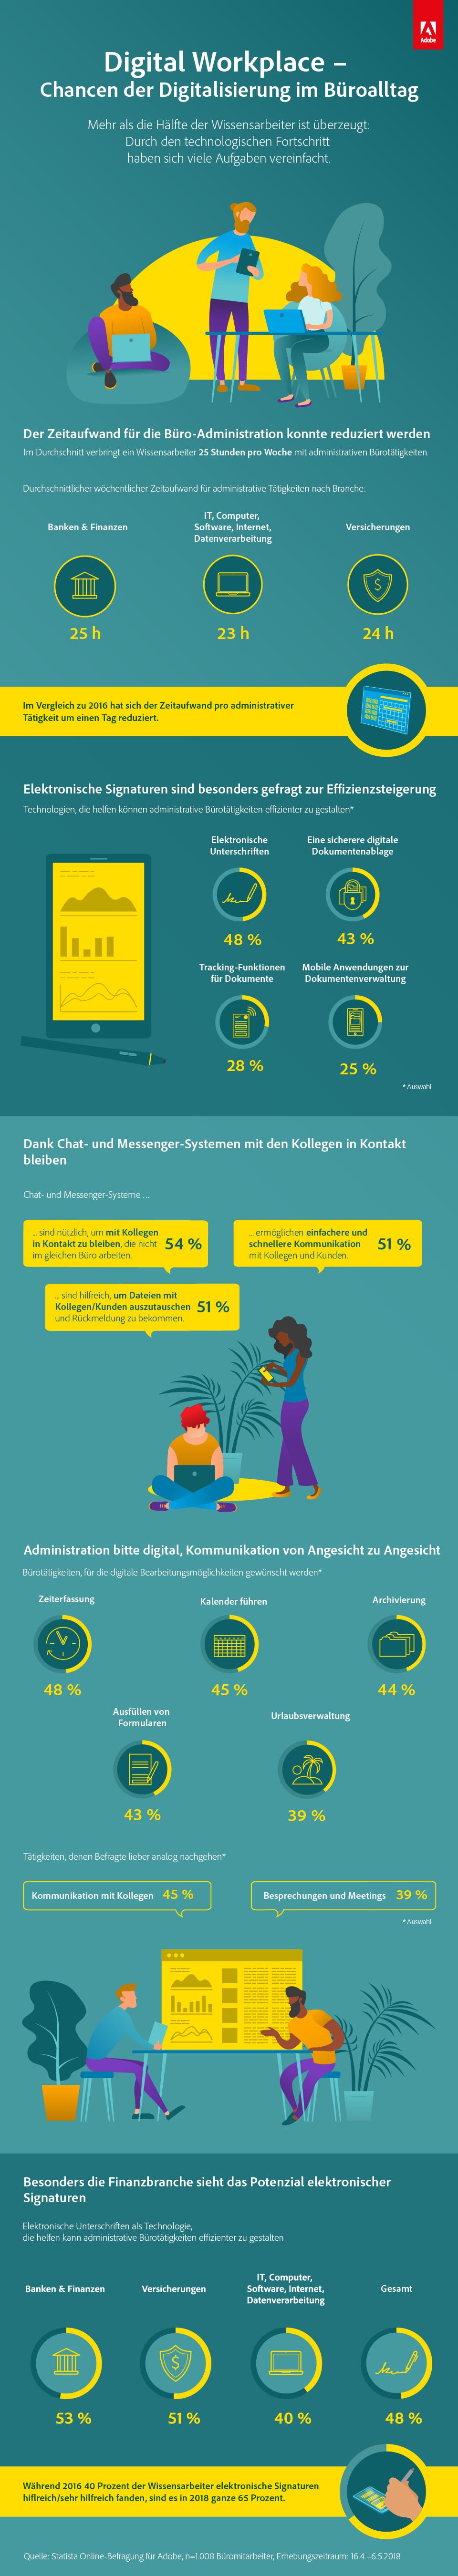 Infografik: Digital Workplace – wie Technologie unseren Arbeitsplatz verändert | Statista